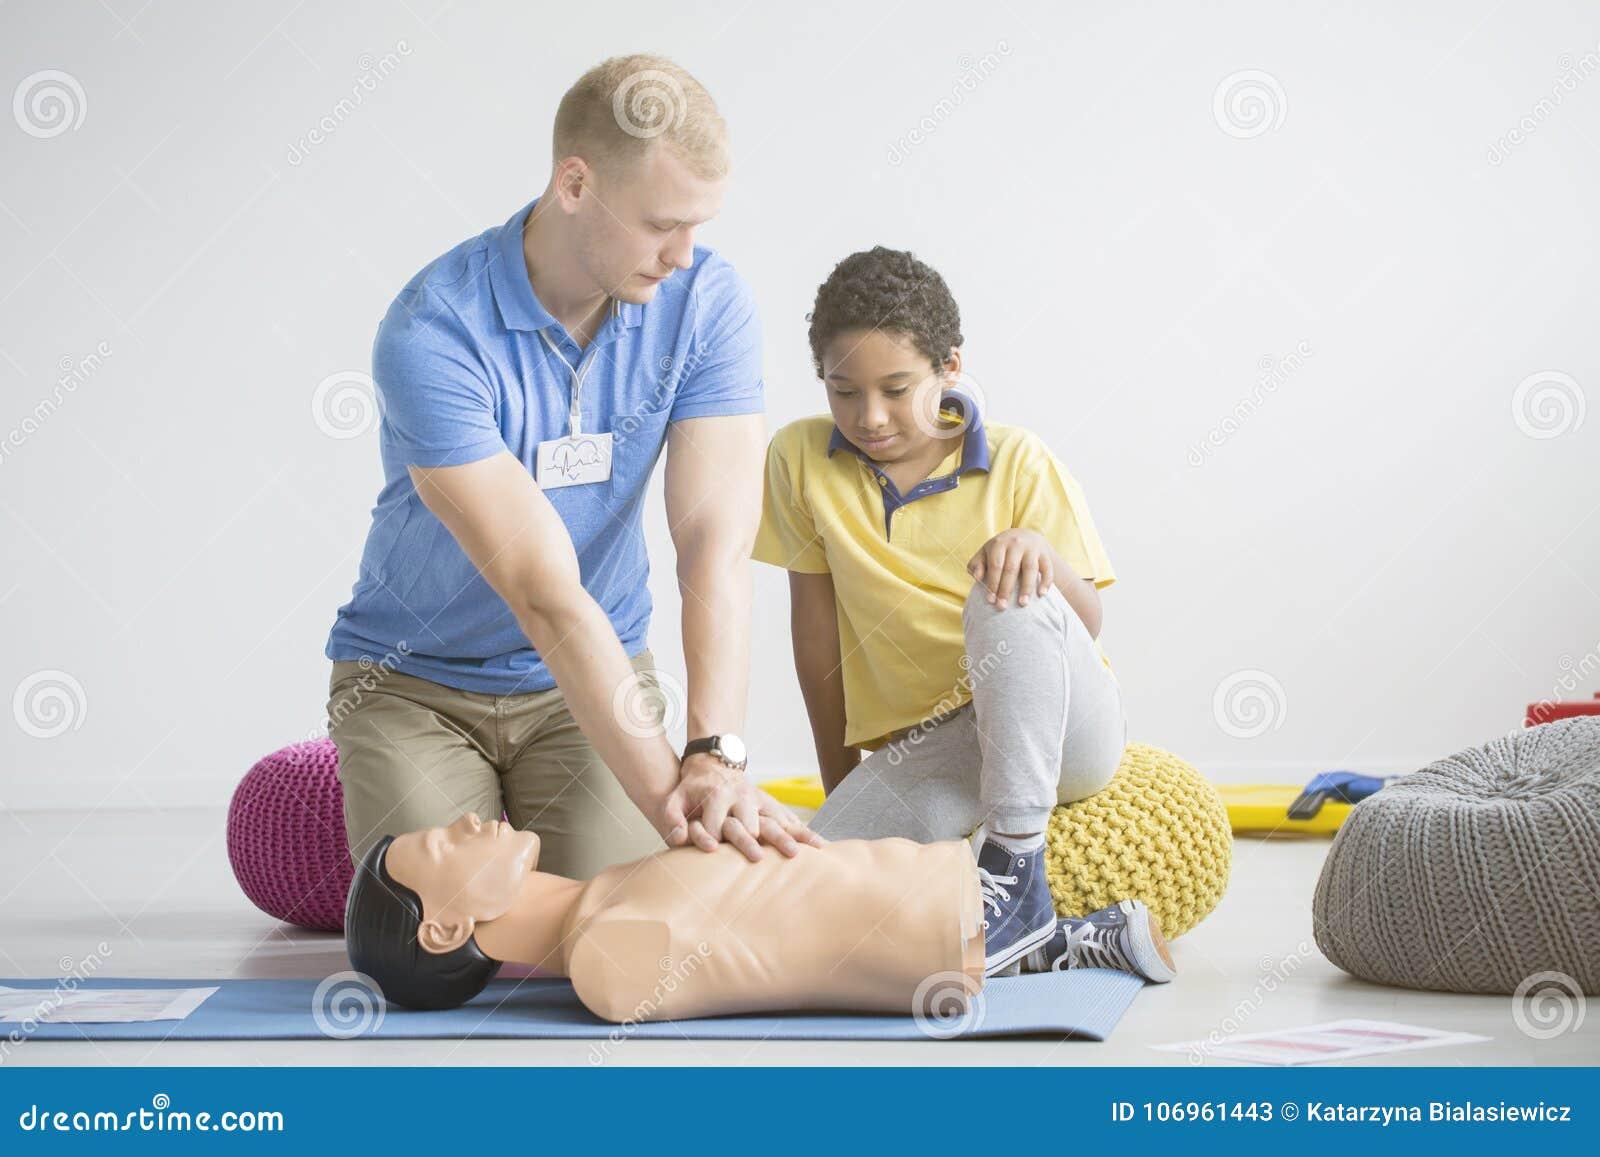 Infirmier montrant des exercices de premiers secours